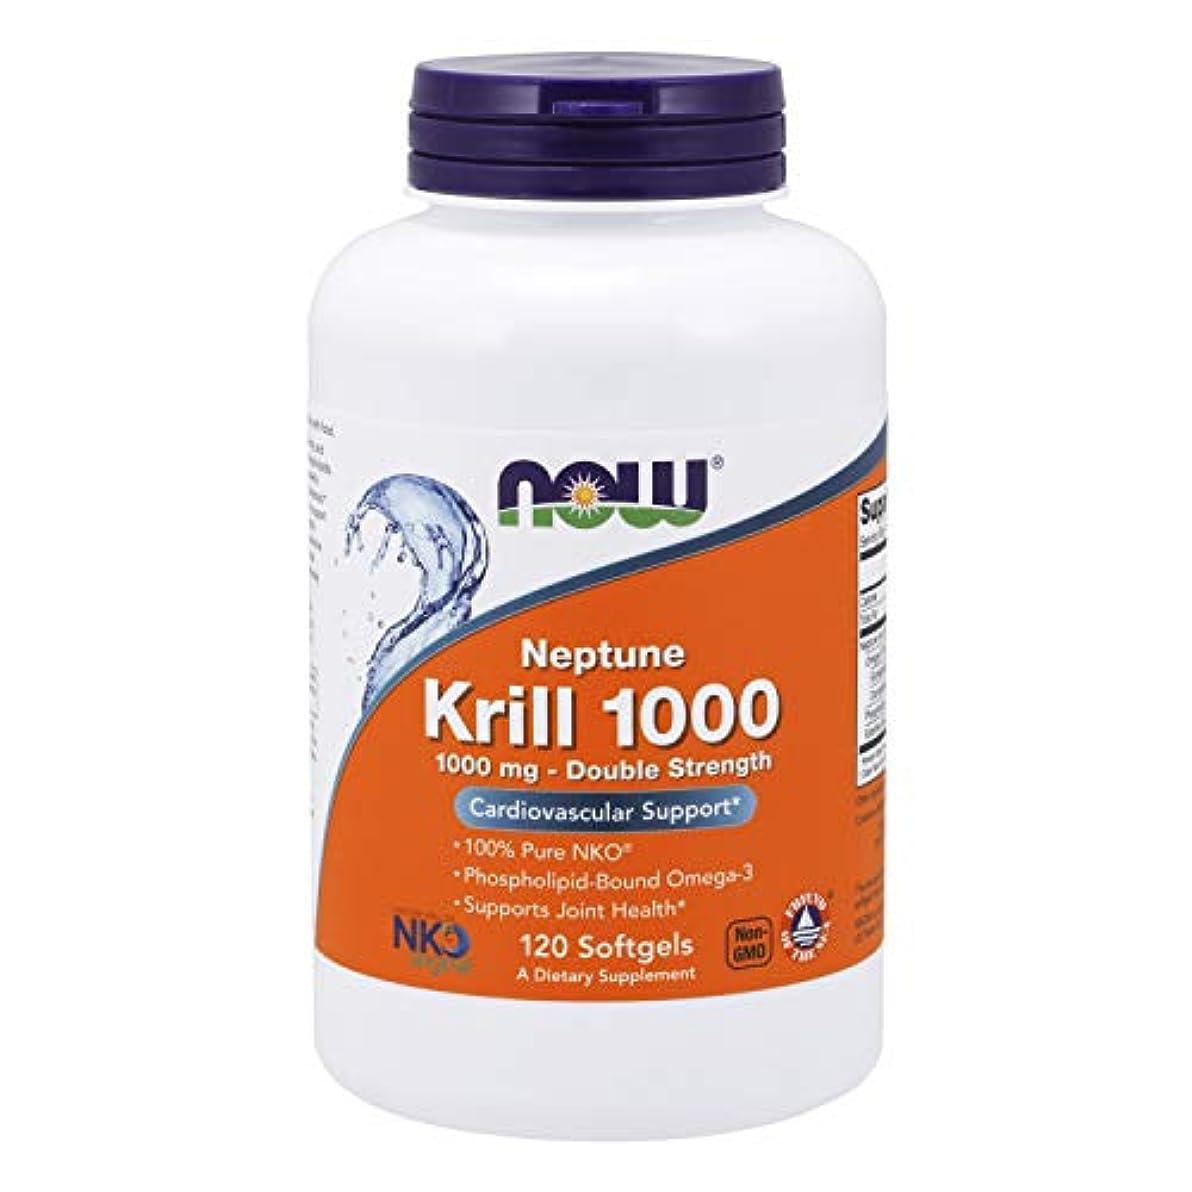 密輸ペイントカリングNow Foods, ネプチューンクリル 1000、1000 mg、ソフトジェル120粒 [海外直送品]